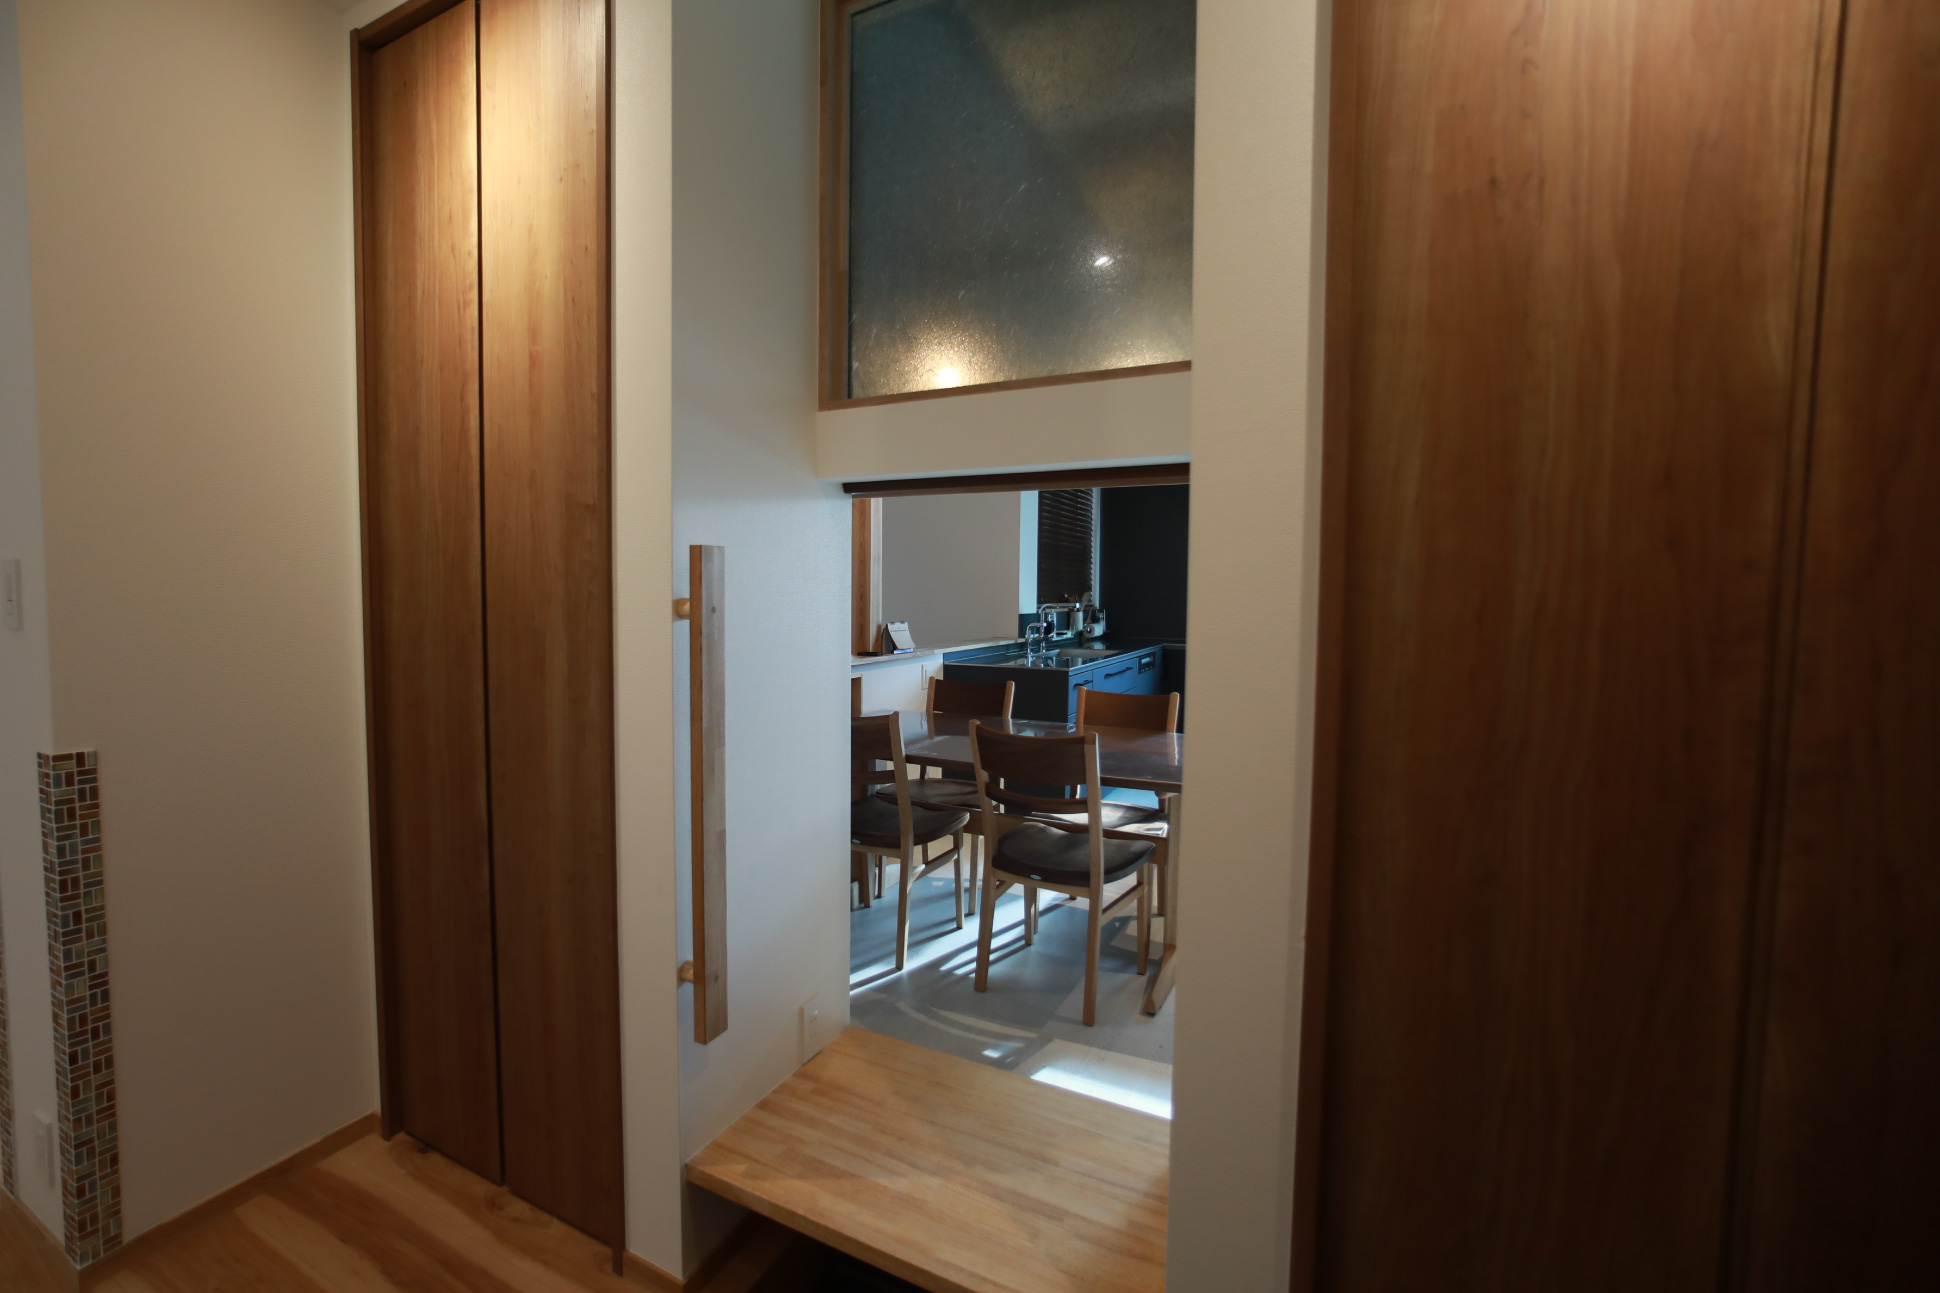 アイディアデザイン 買い物用扉と明りとり窓:君津市戸建て新築